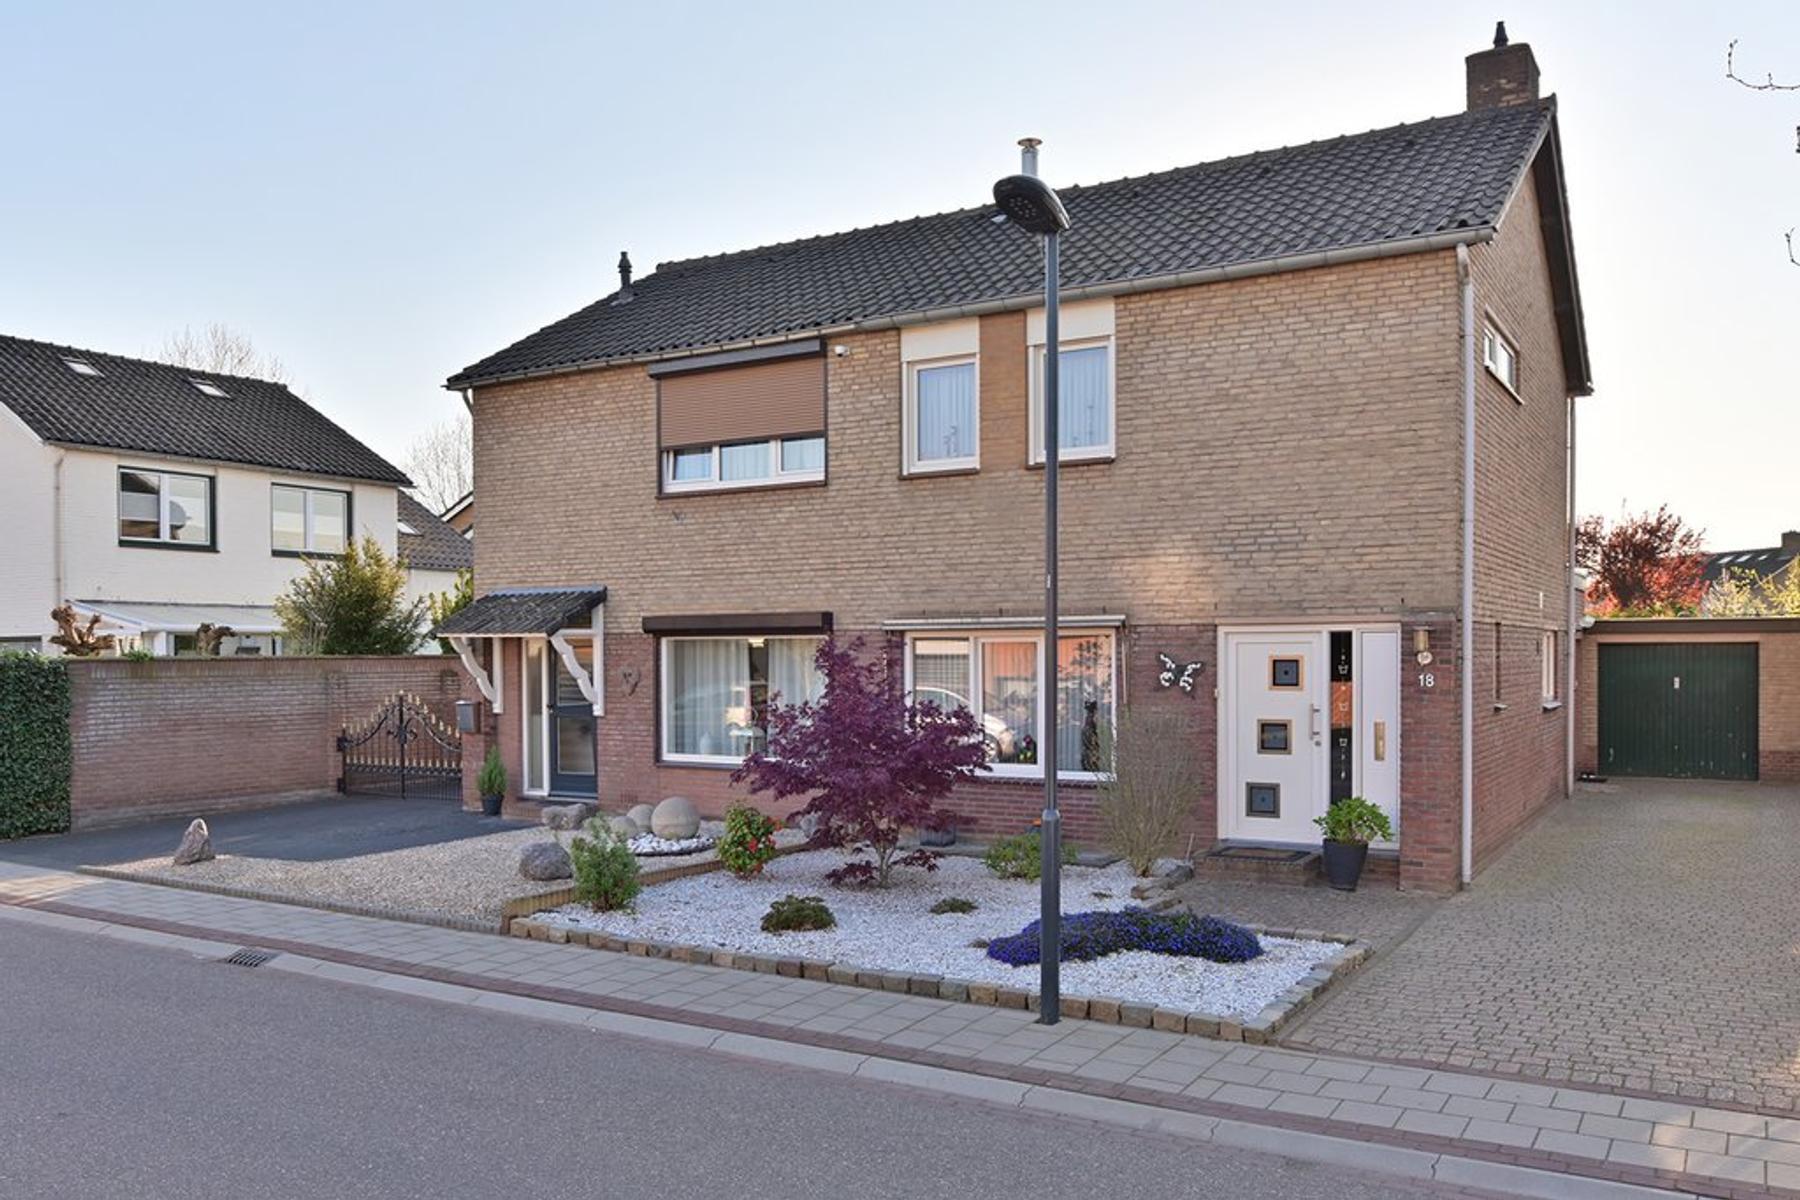 Jozefstraat 18 in Susteren 6114 EH